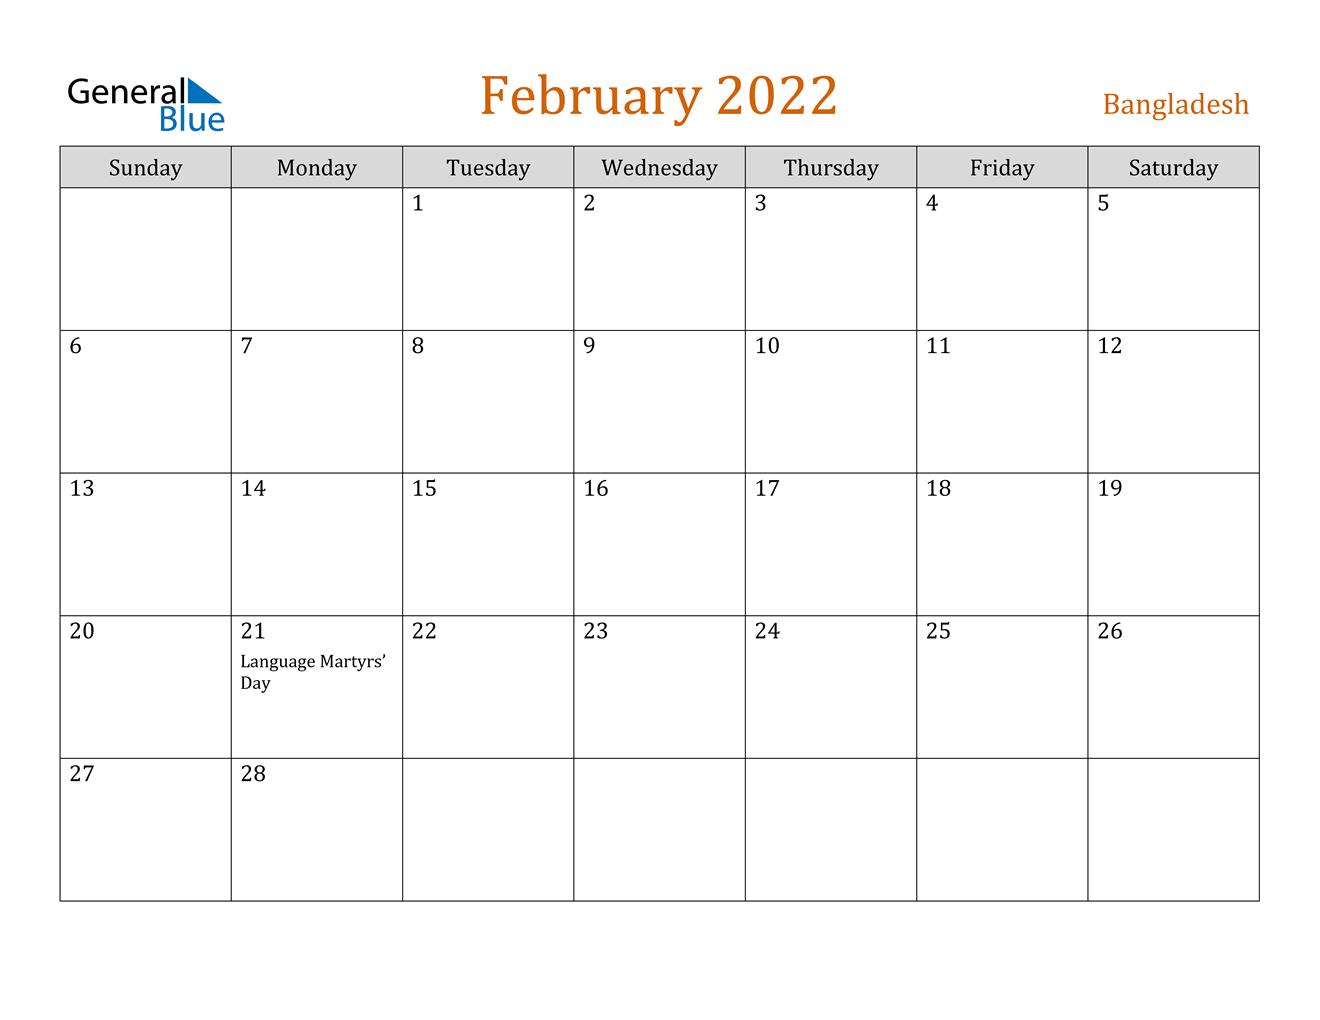 February 2022 Calendar - Bangladesh